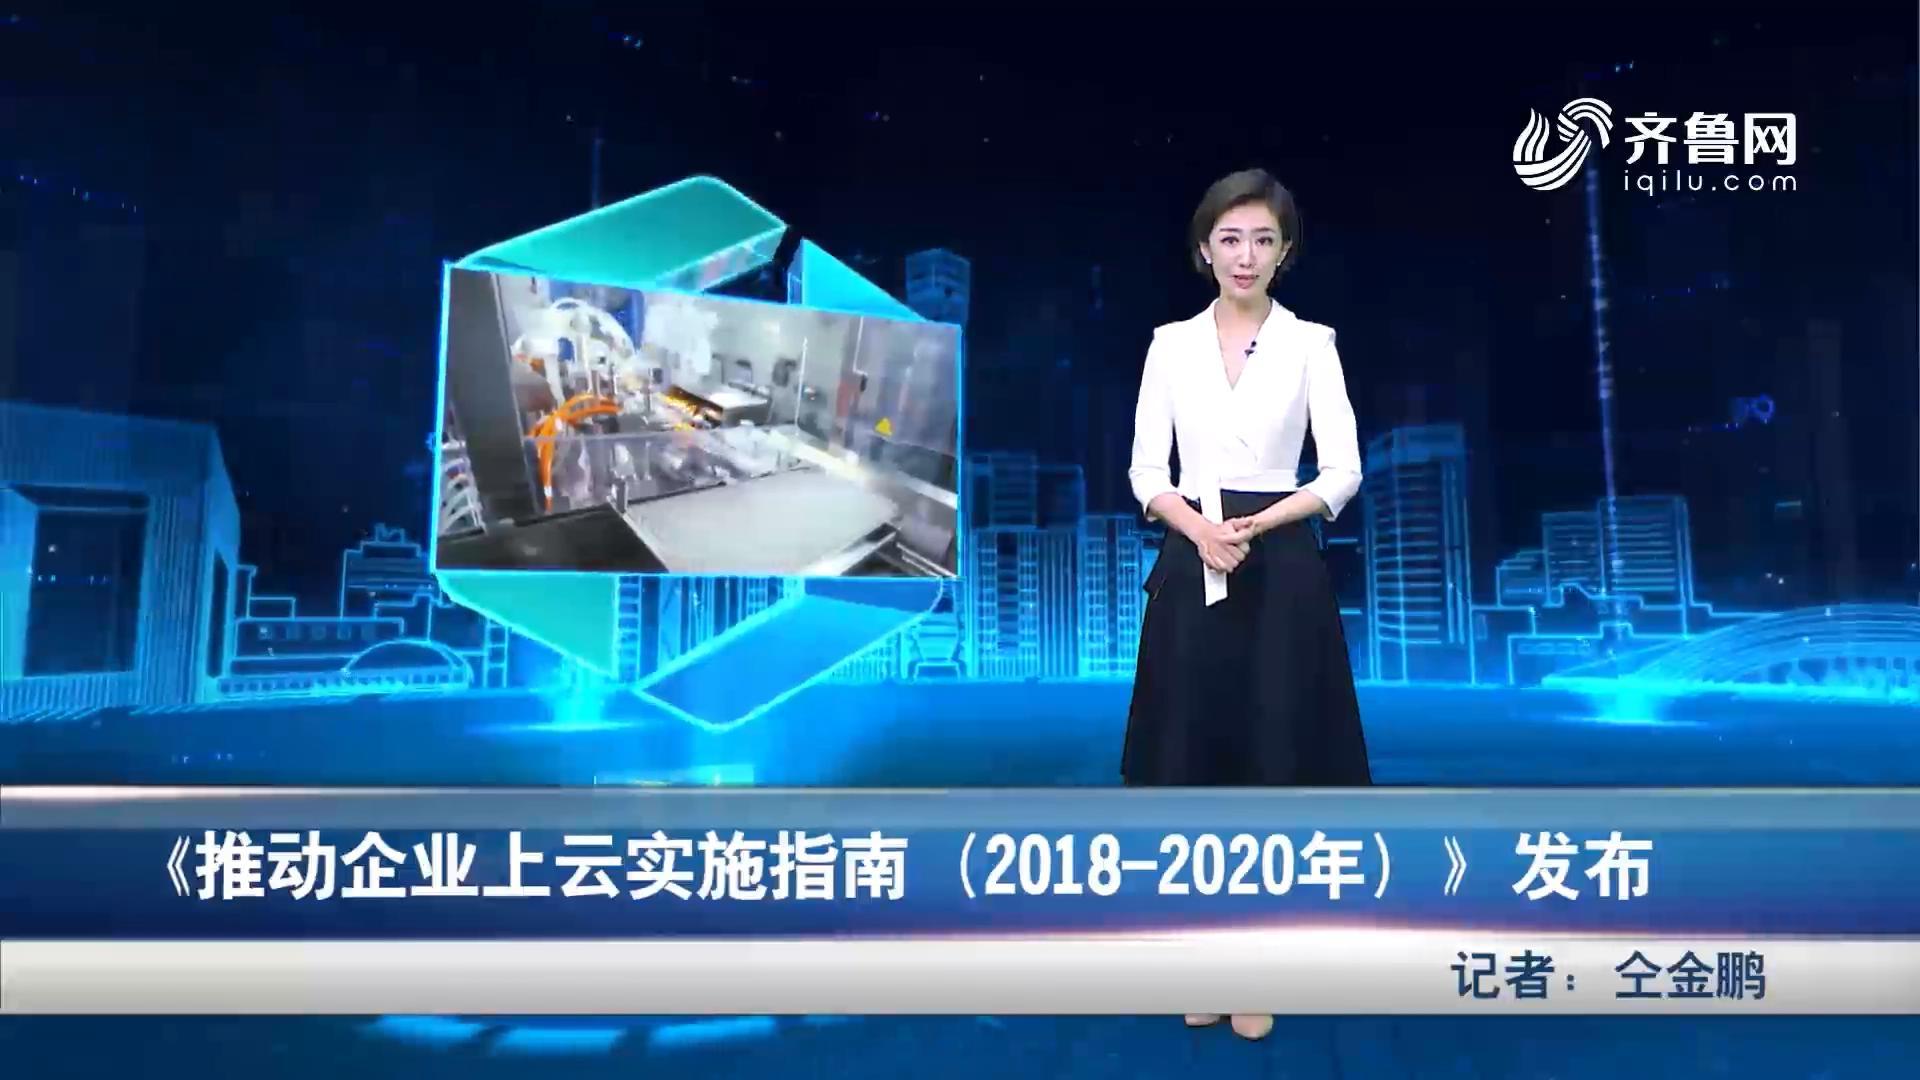 《推动企业上云实施指南(2018-2020)》发布